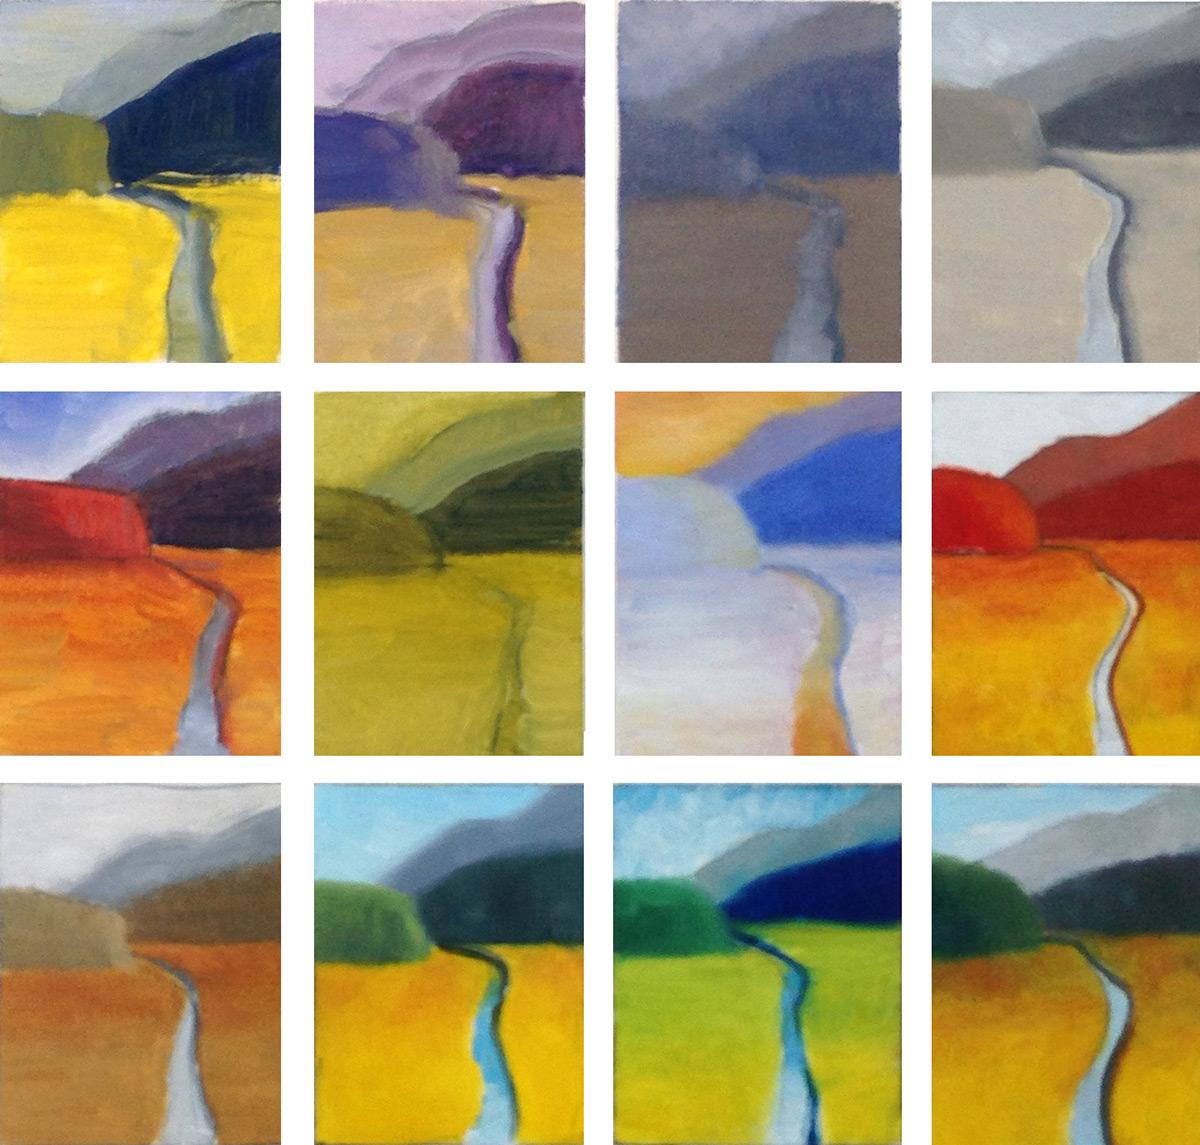 color-studies-by-Corina-Linden